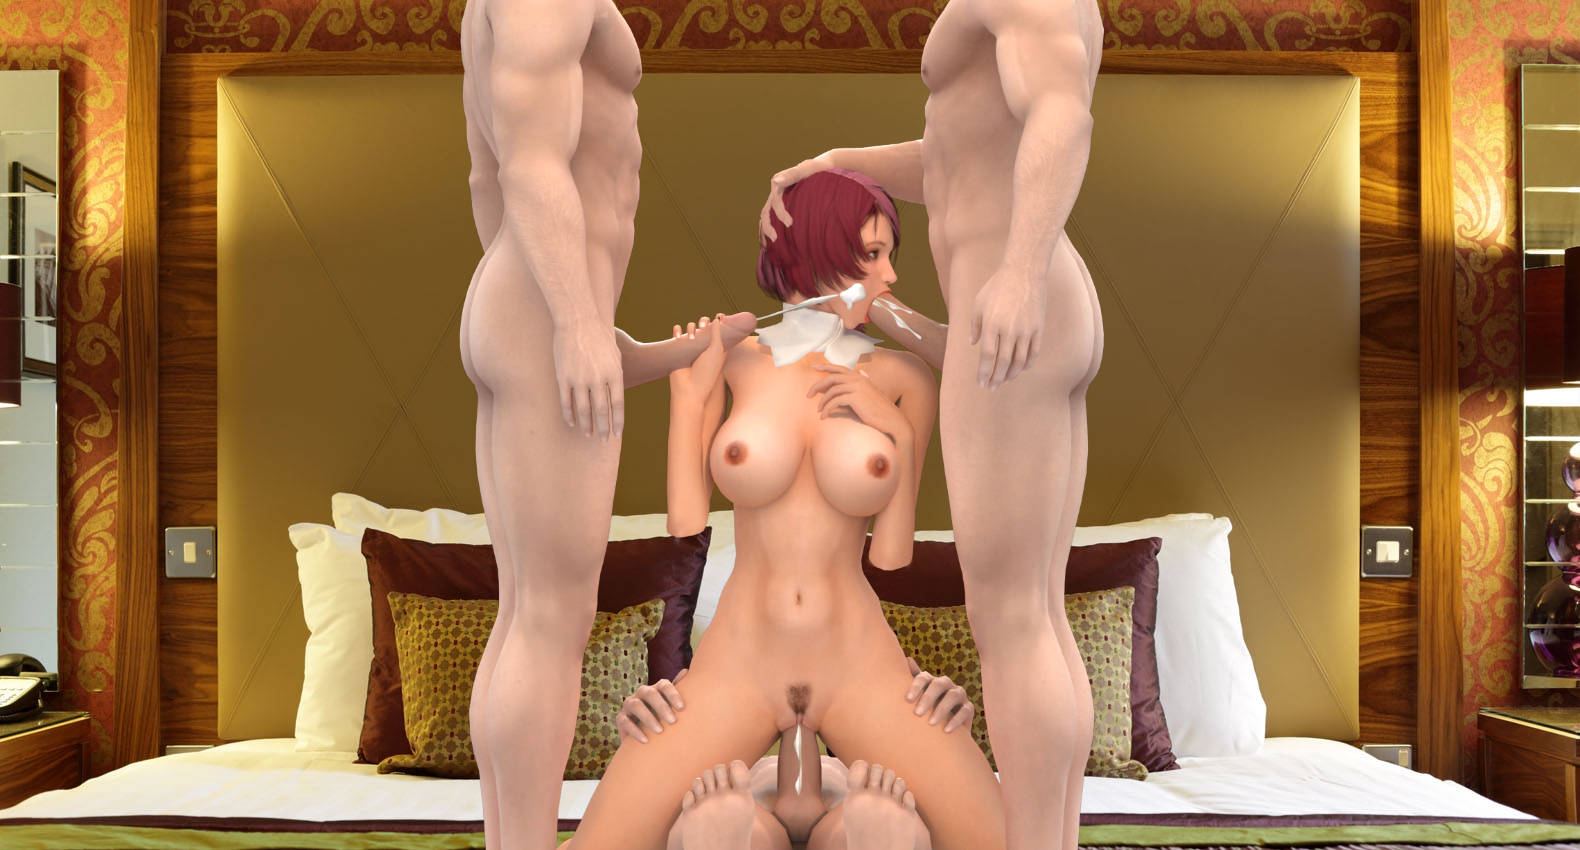 tekken girl characters naked